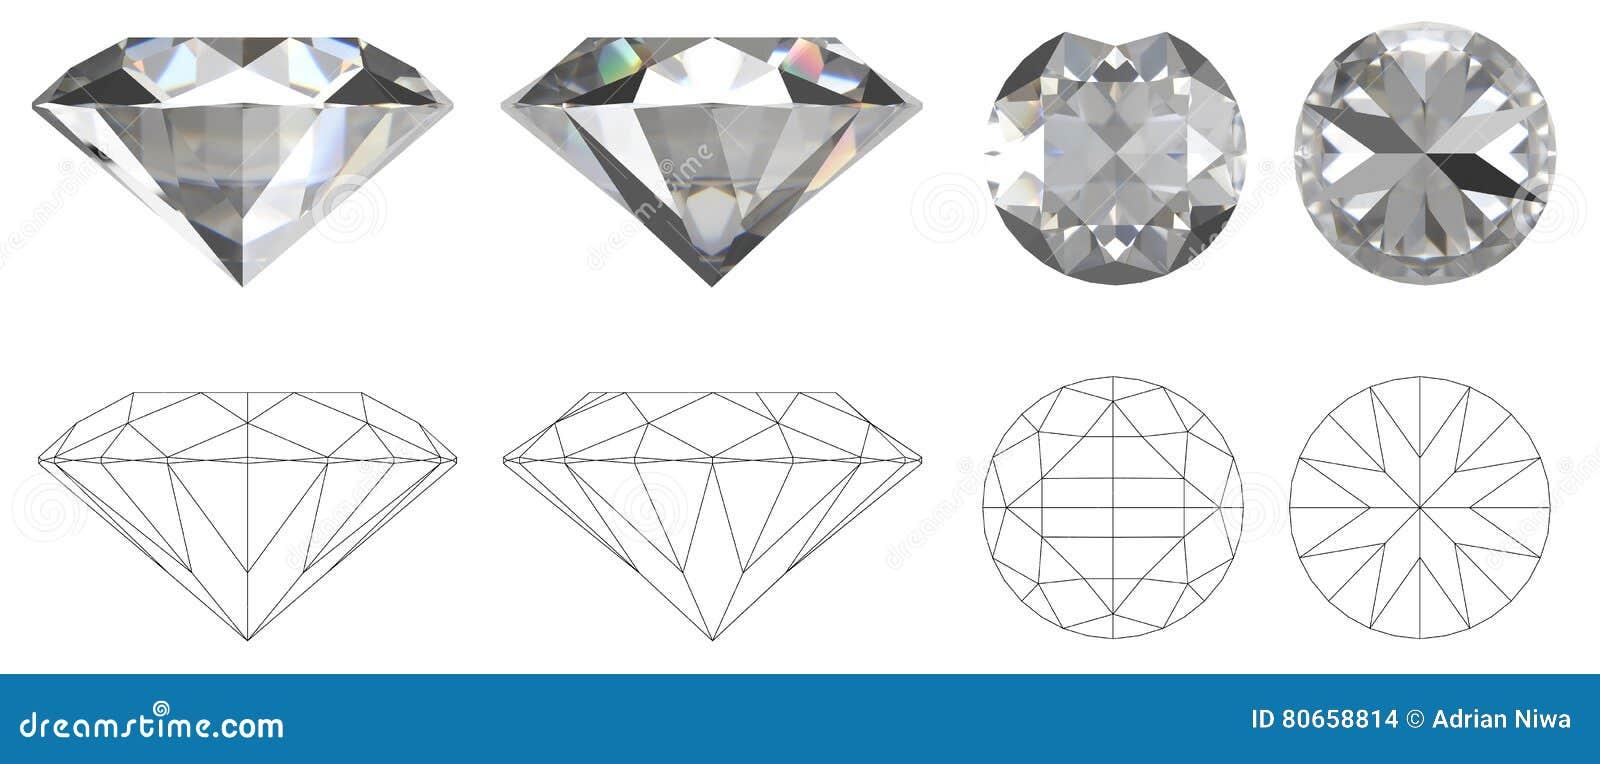 Image de diamant de quatre c t s avec le dessin technique - Diamant dessin ...